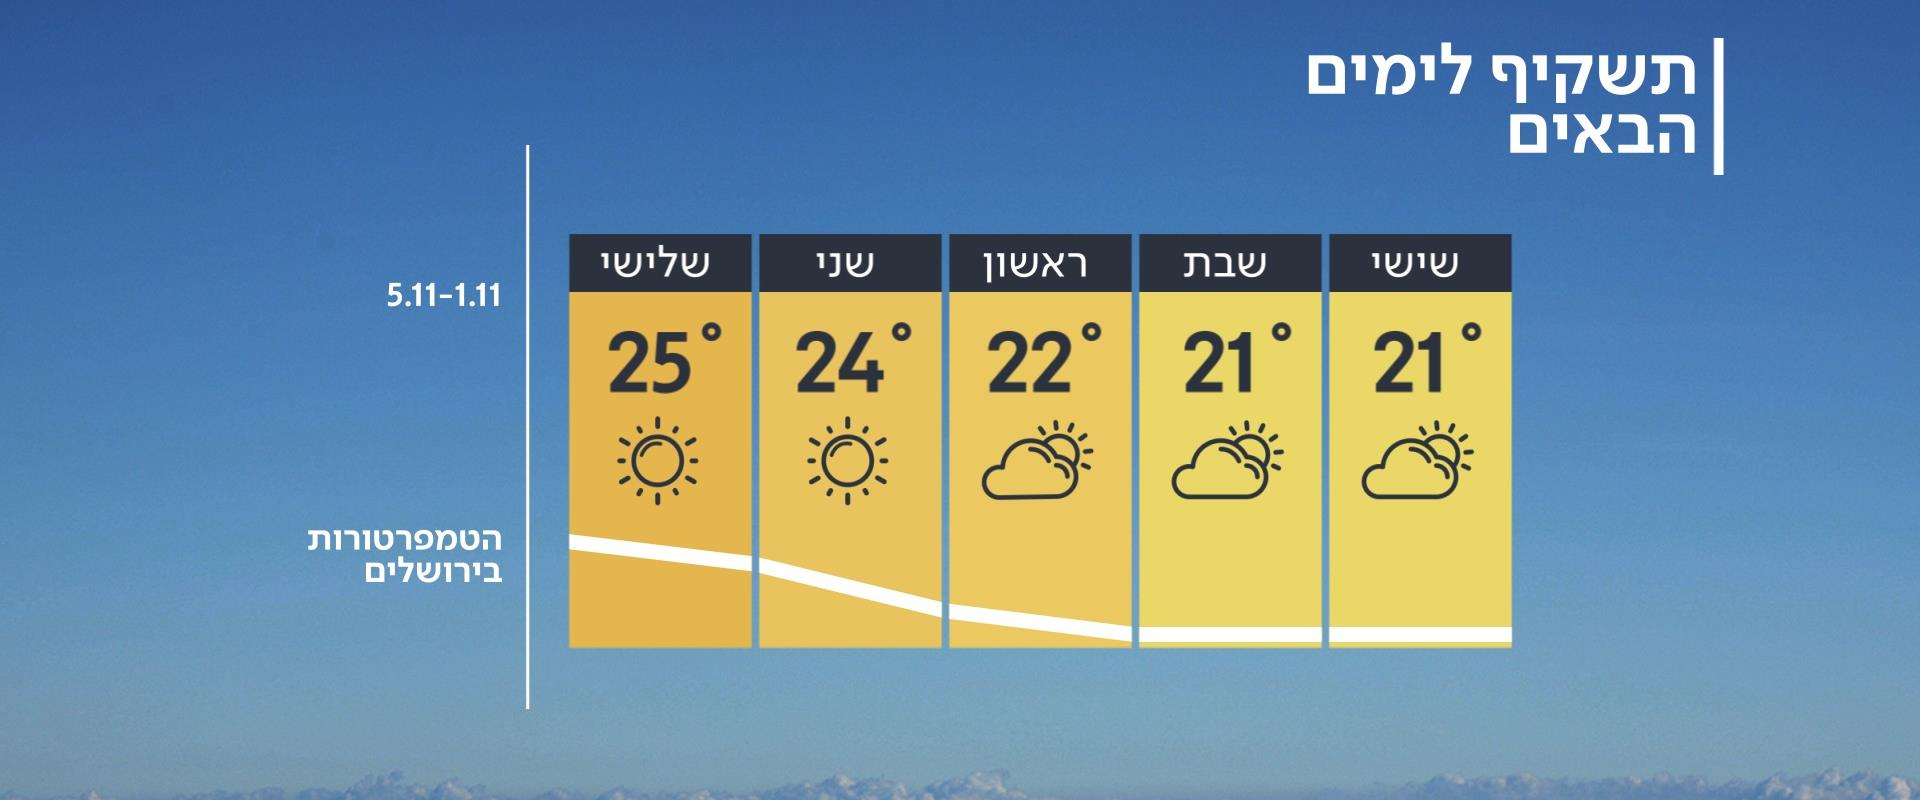 תחזית מזג האוויר, 31.10.19